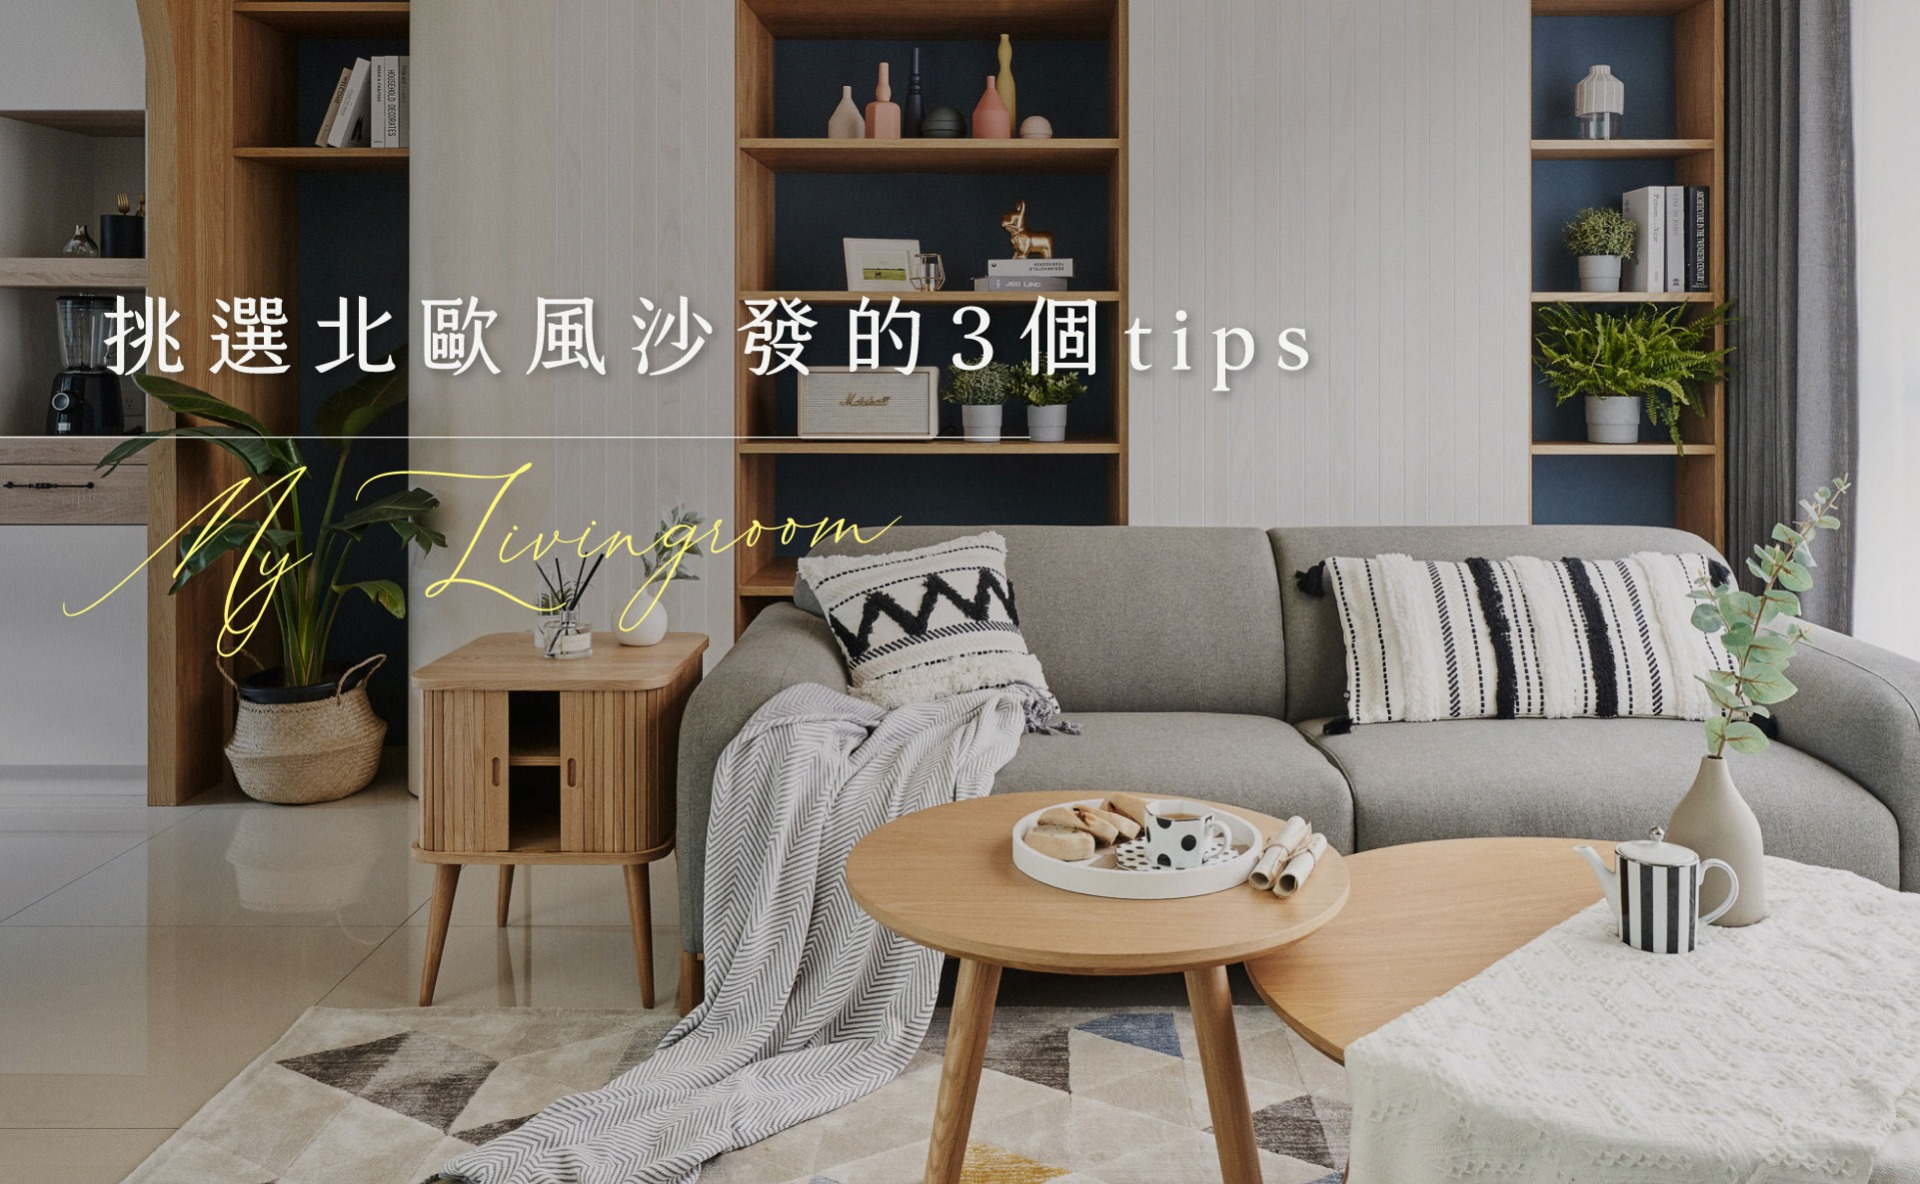 挑選北歐風沙發的 3 個tips